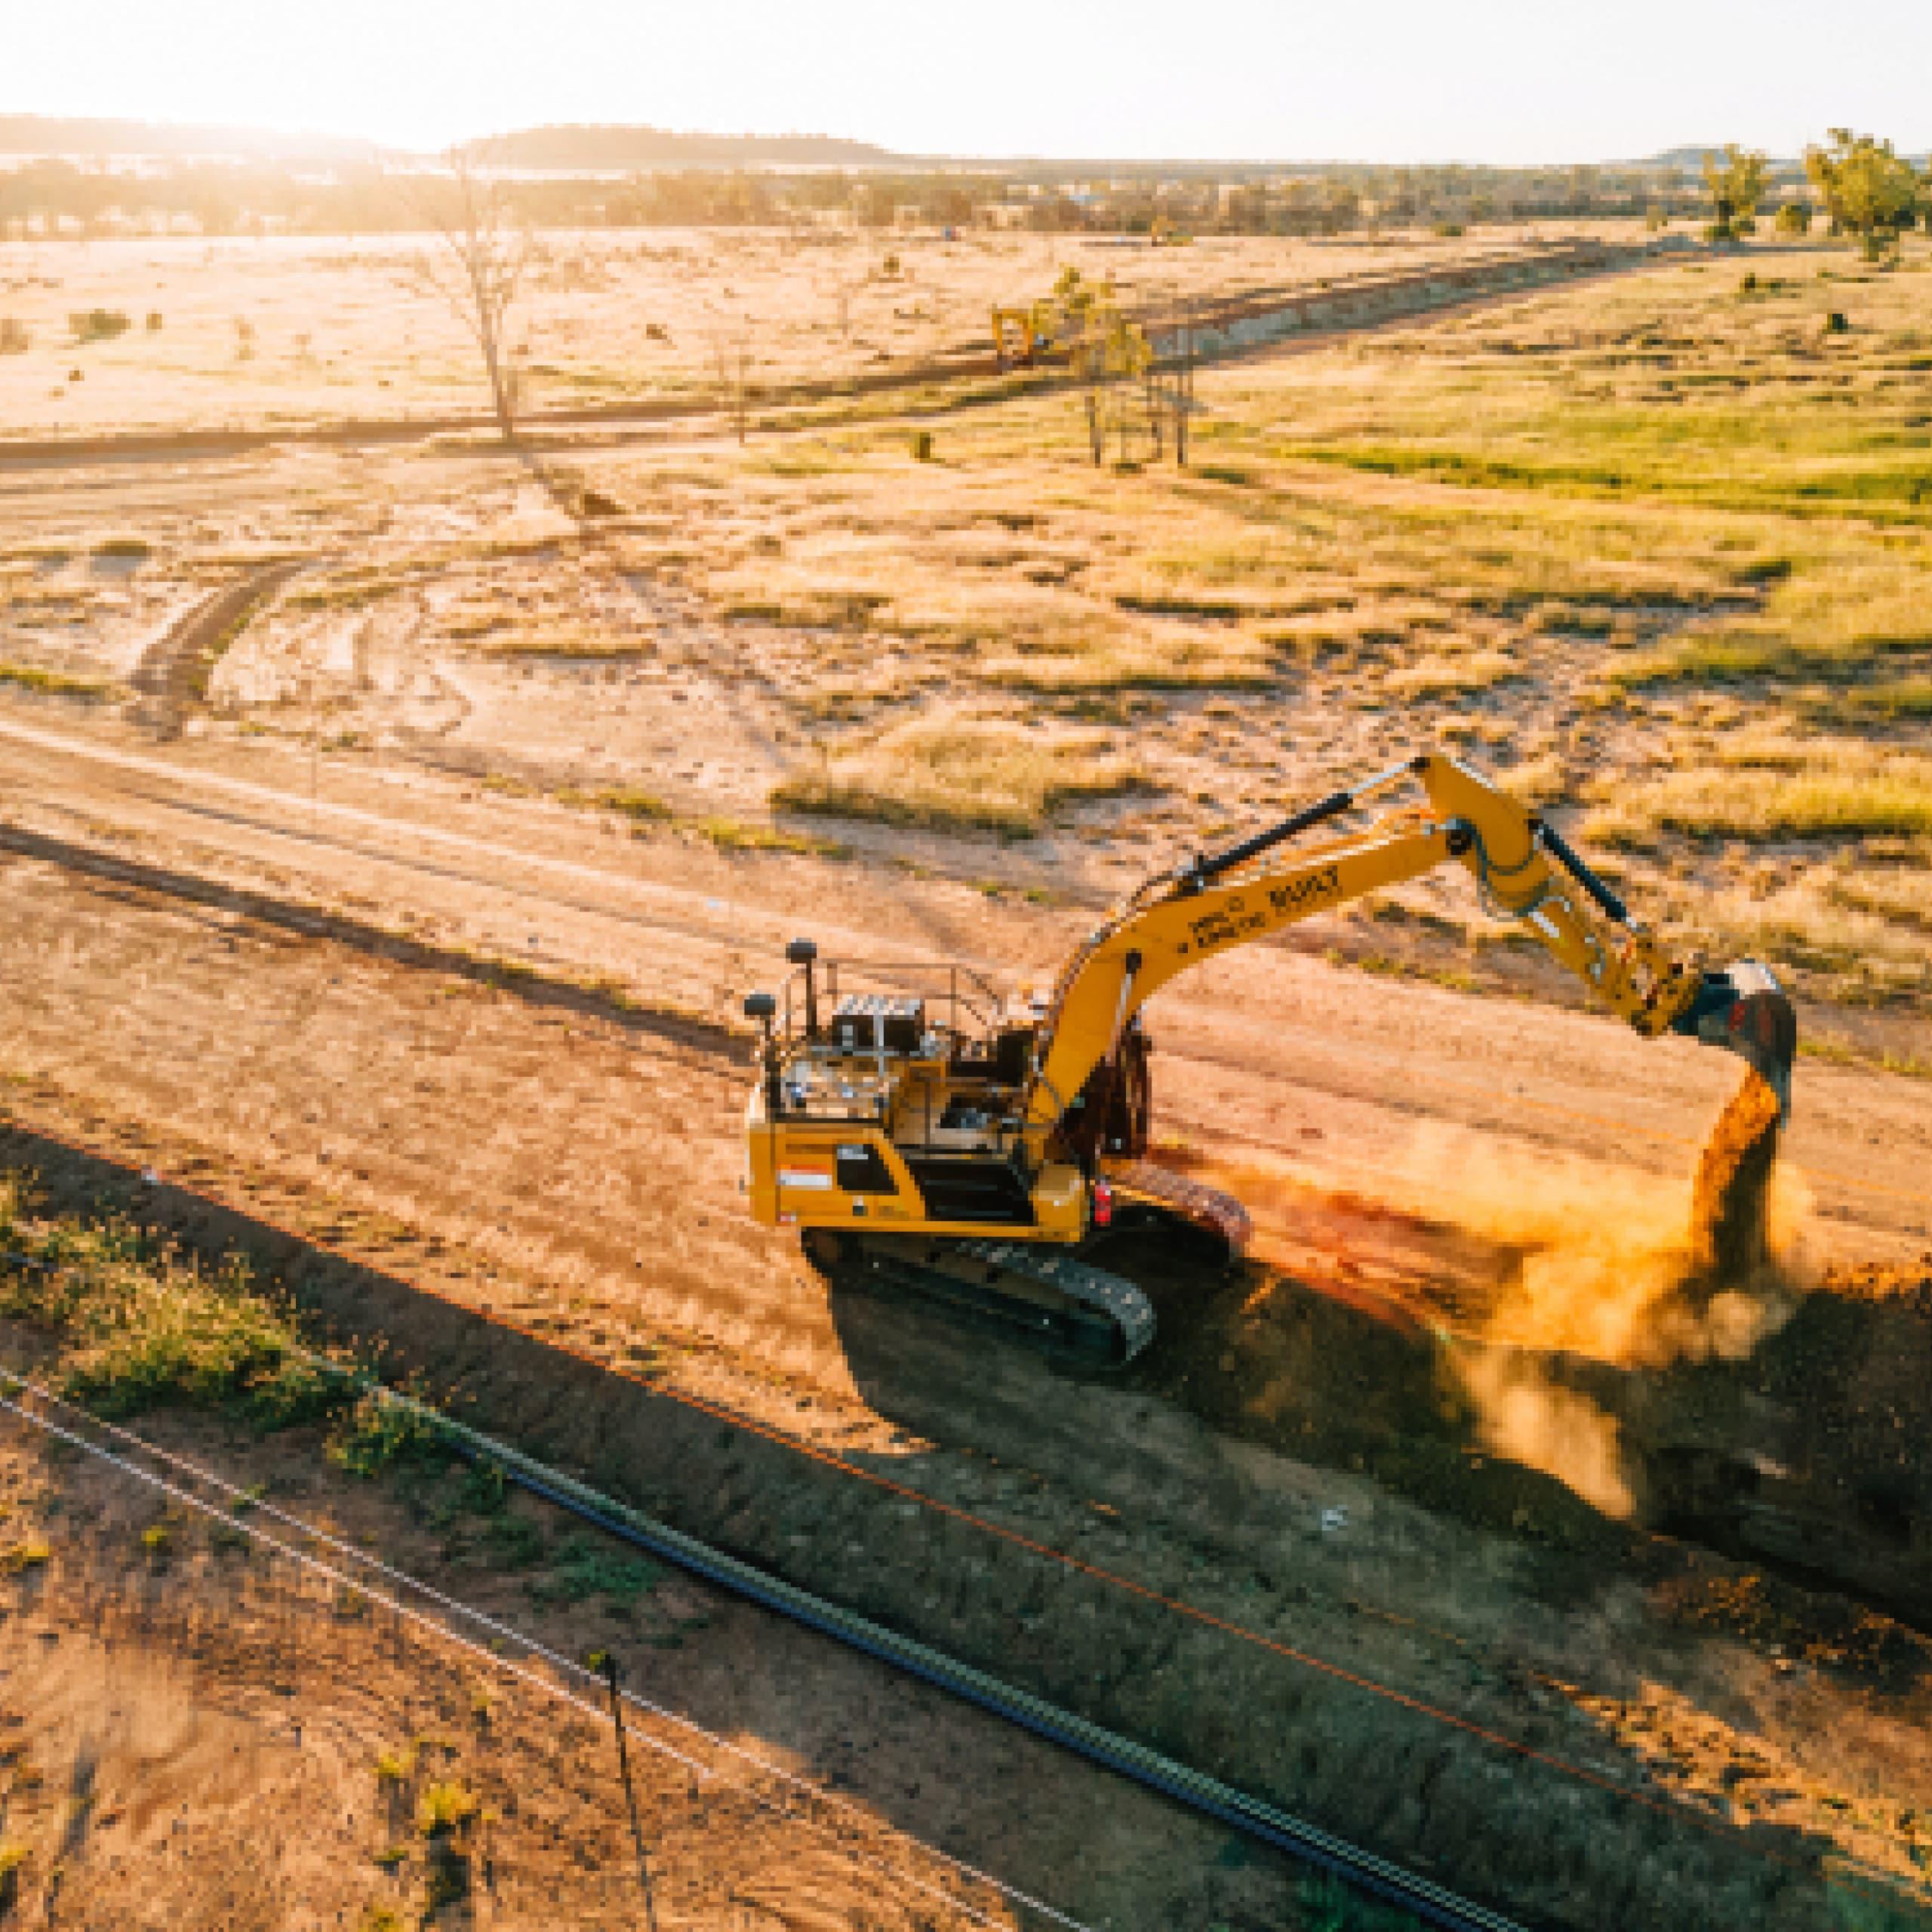 Aerial excavator trench autonomous digging